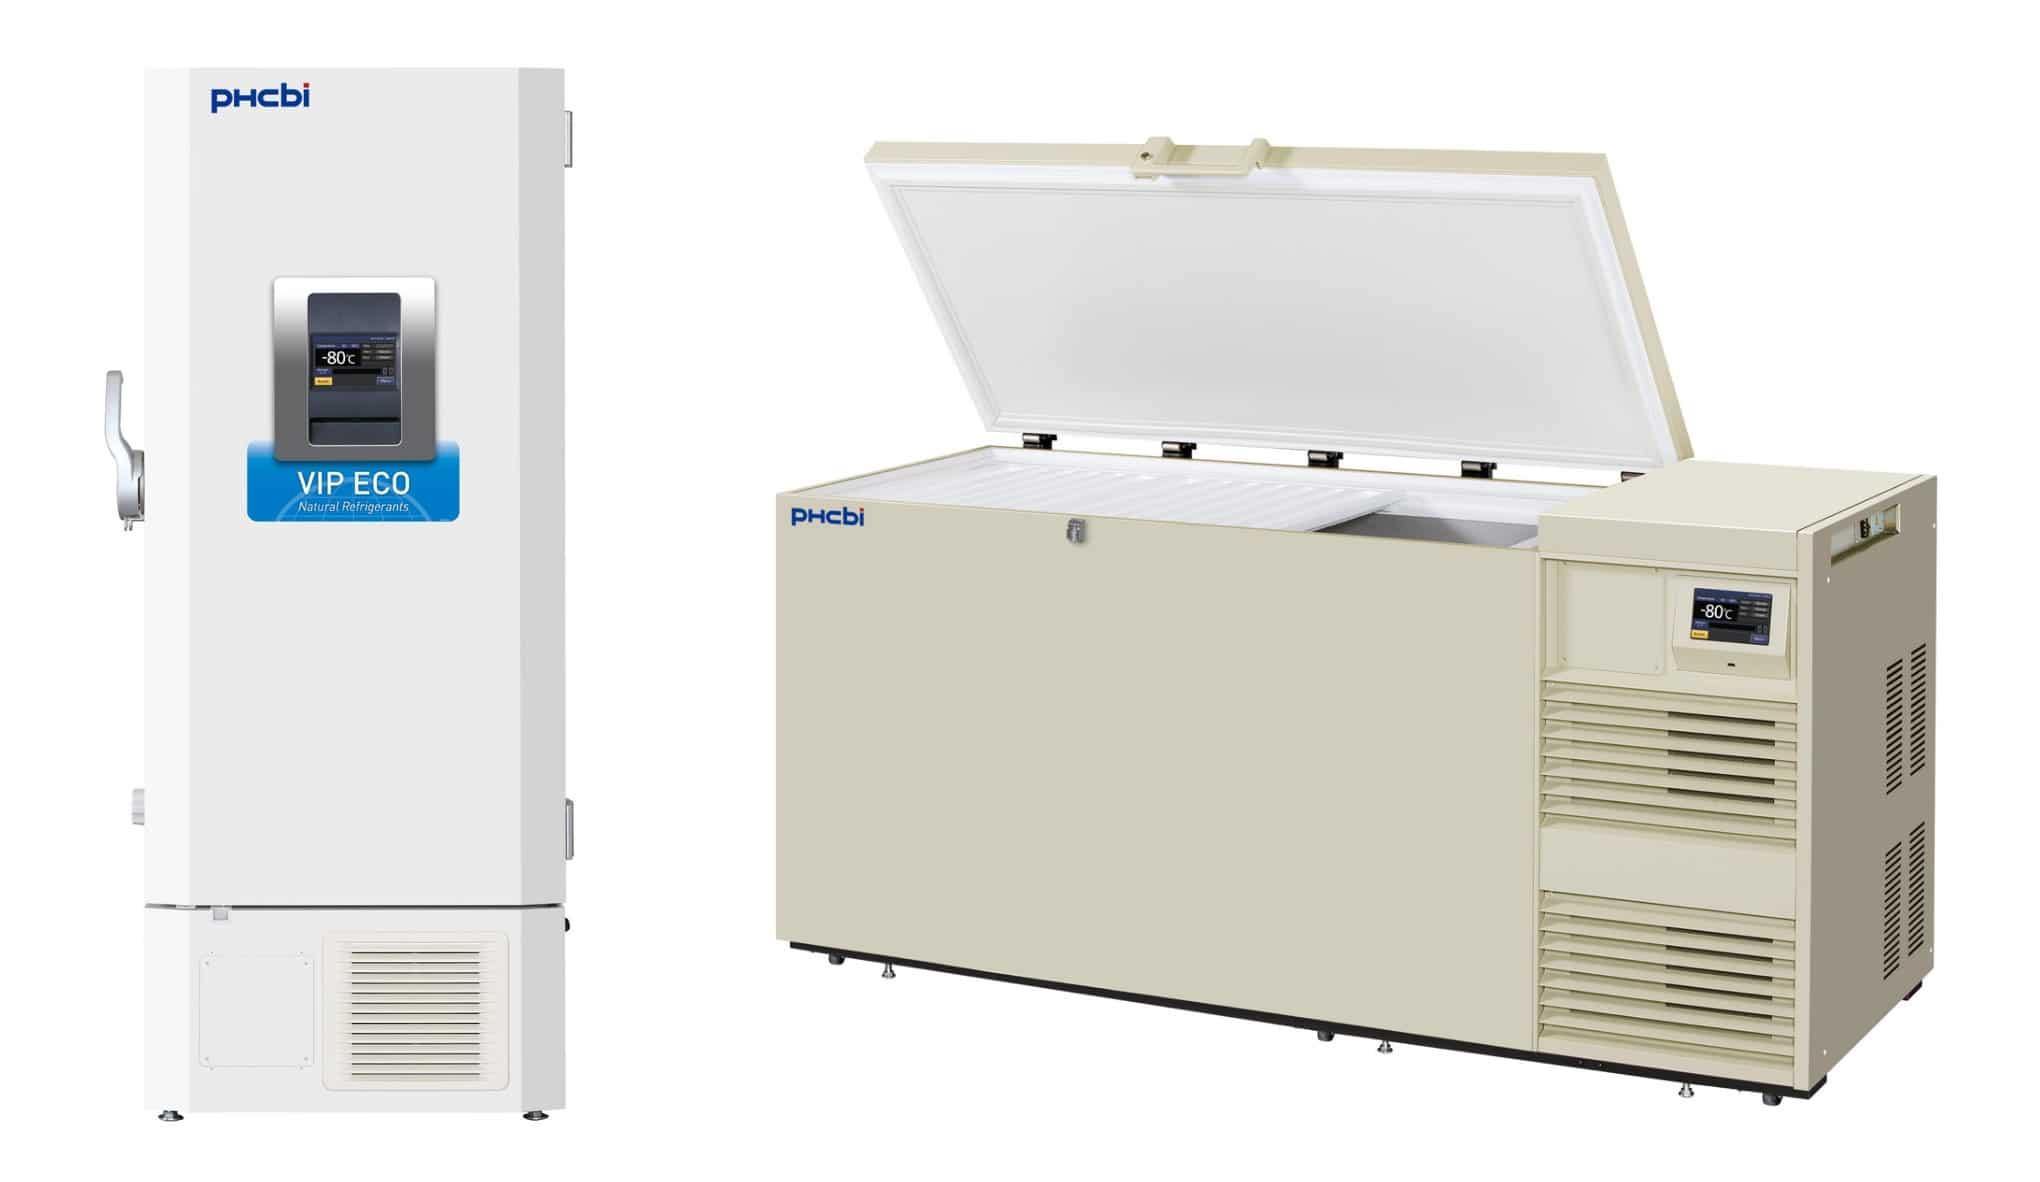 ULT Fryseskap og fryseboks til laboratorium